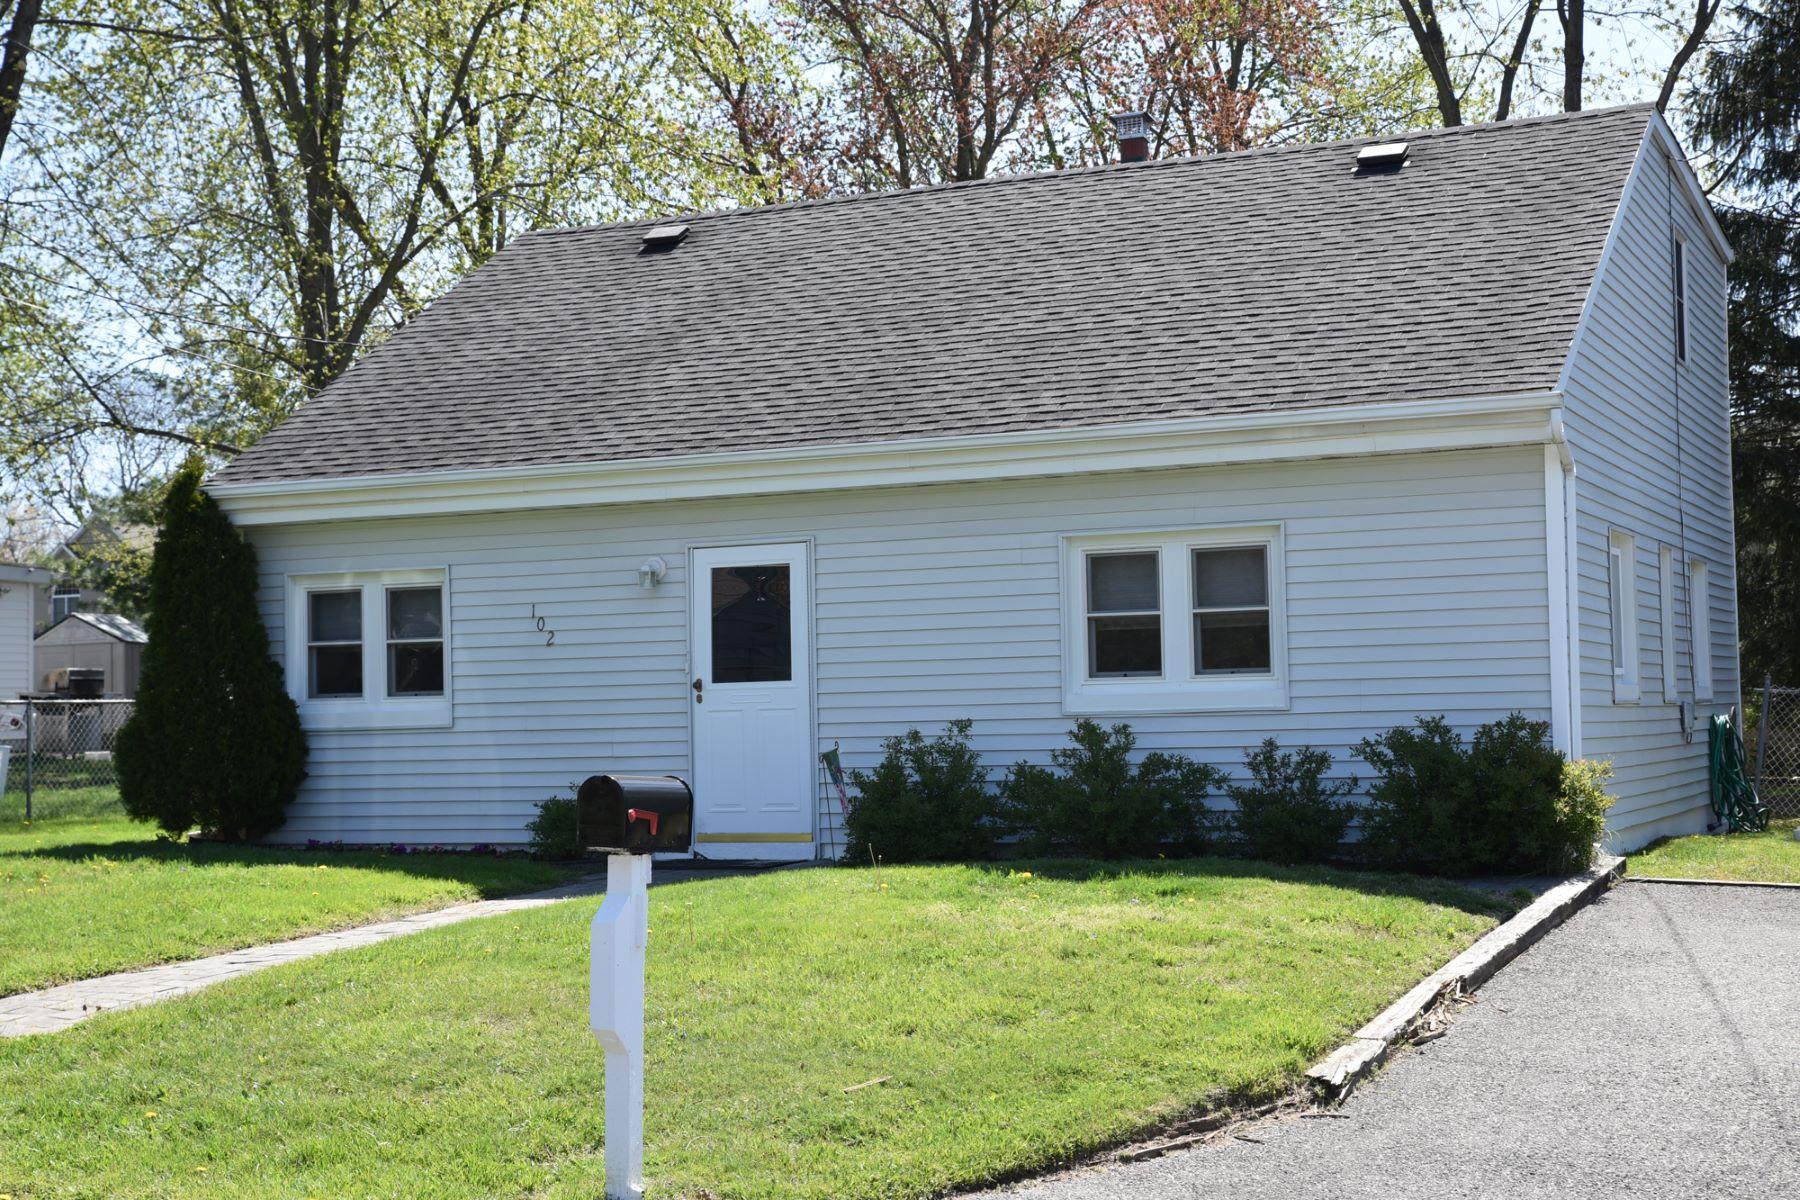 Maison unifamiliale pour l Vente à Wonderful Opportunity 102 Center St, Neptune, New Jersey 07763 États-Unis